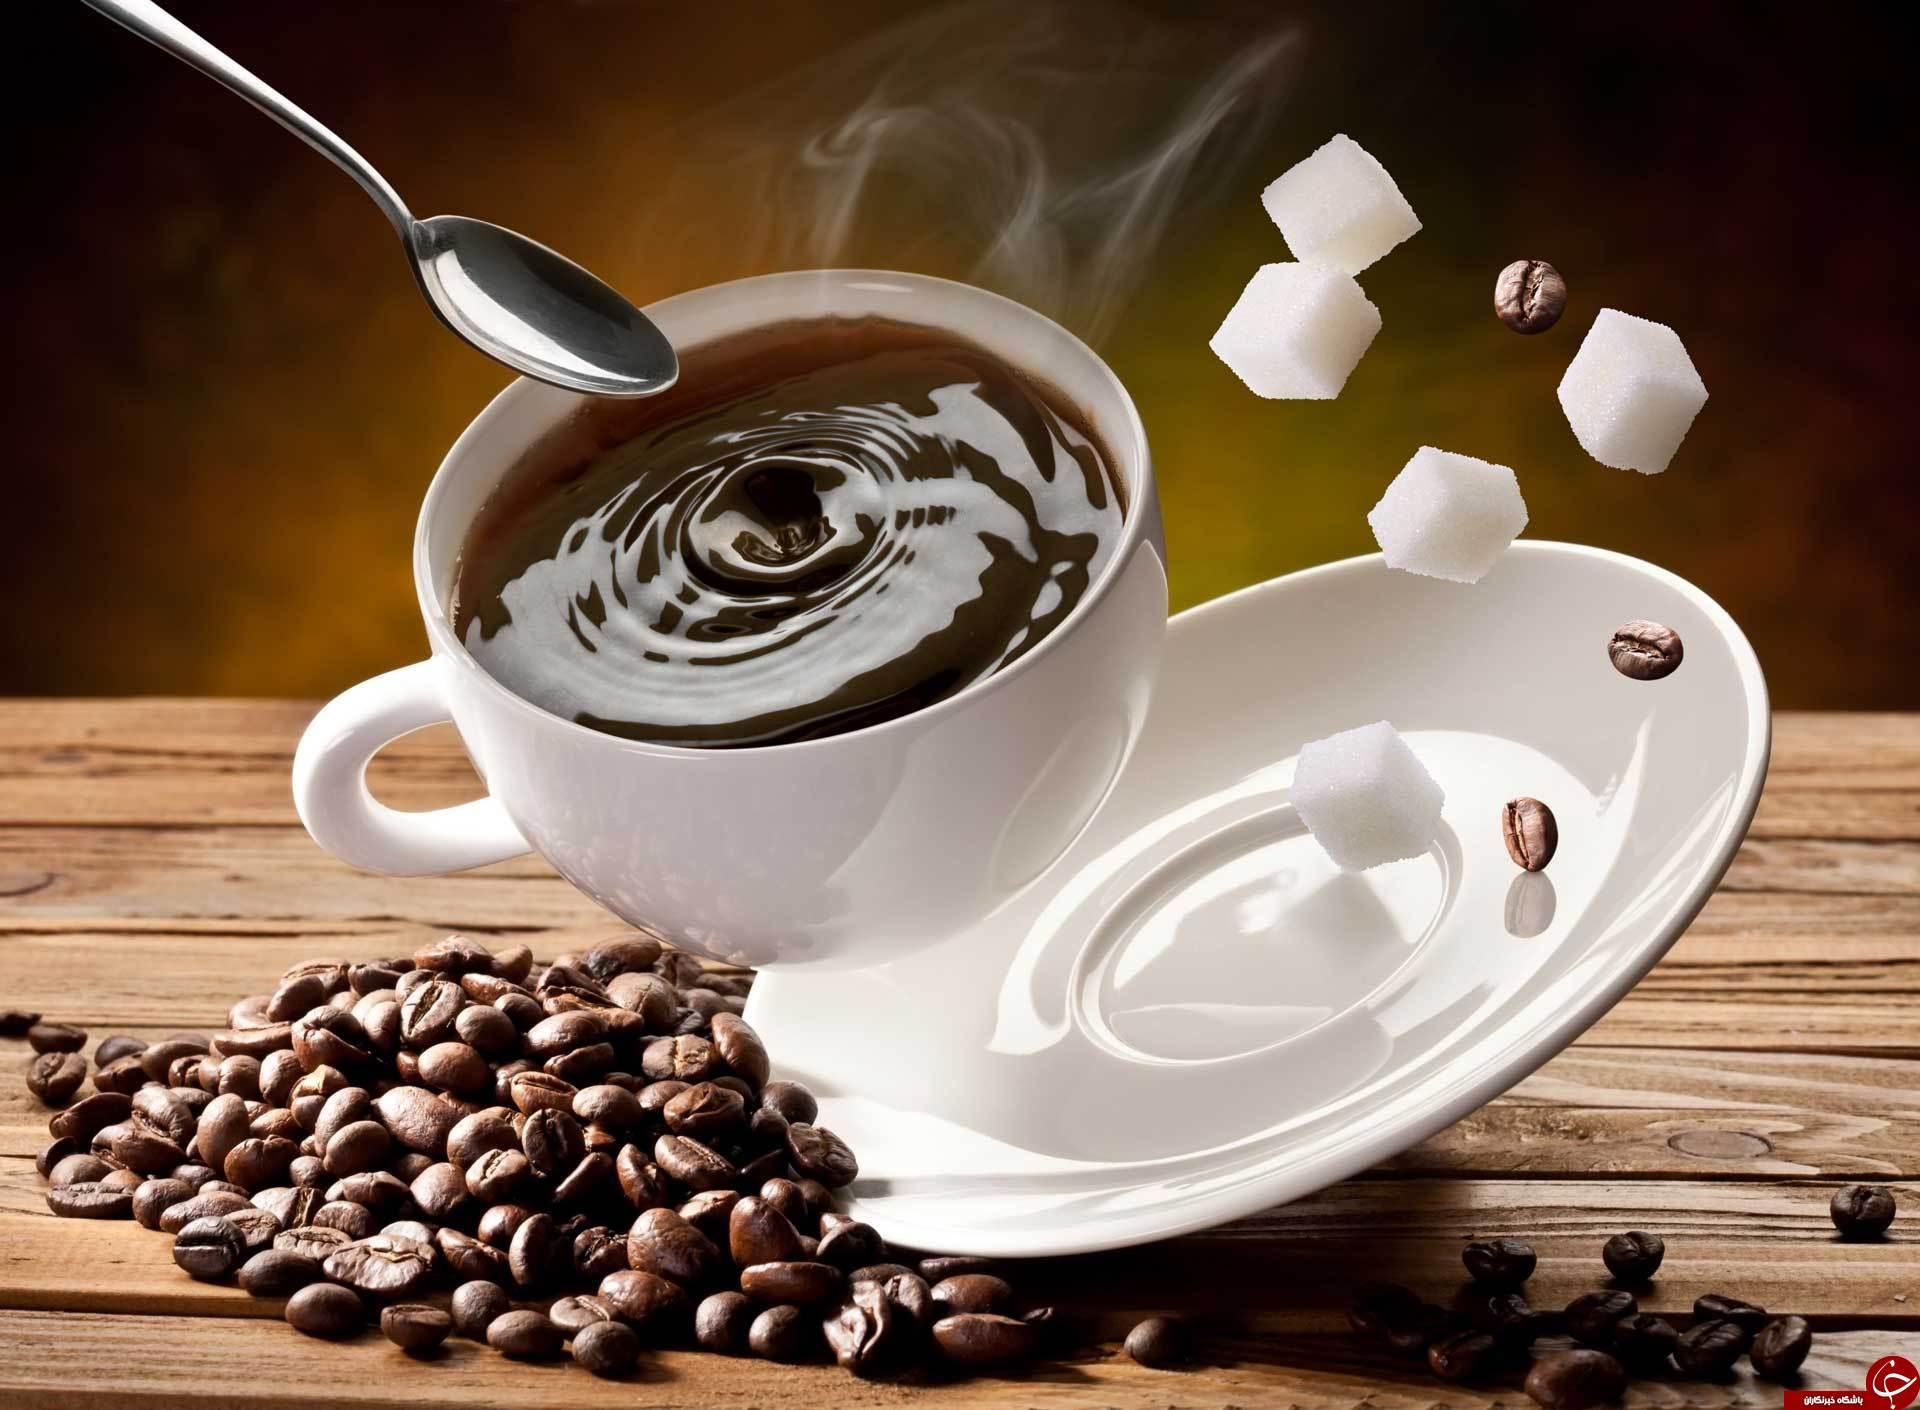 کدام بیماران میتوانند از قهوه گانودرما و خواص آن بهره ببرند؟!